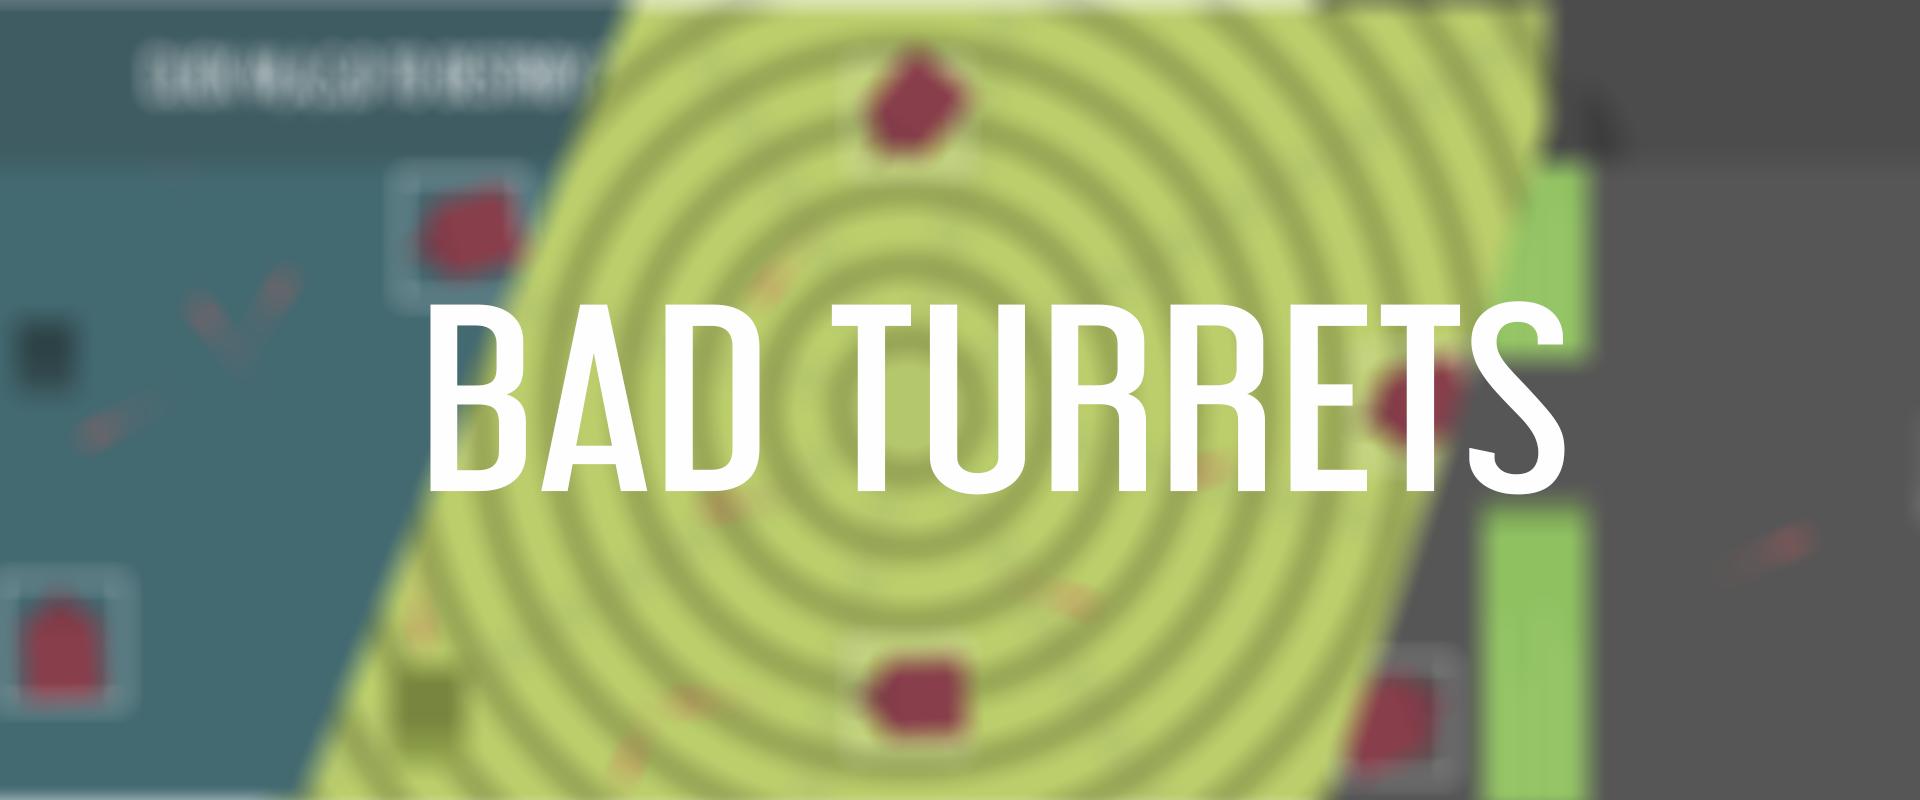 Bad Turrets